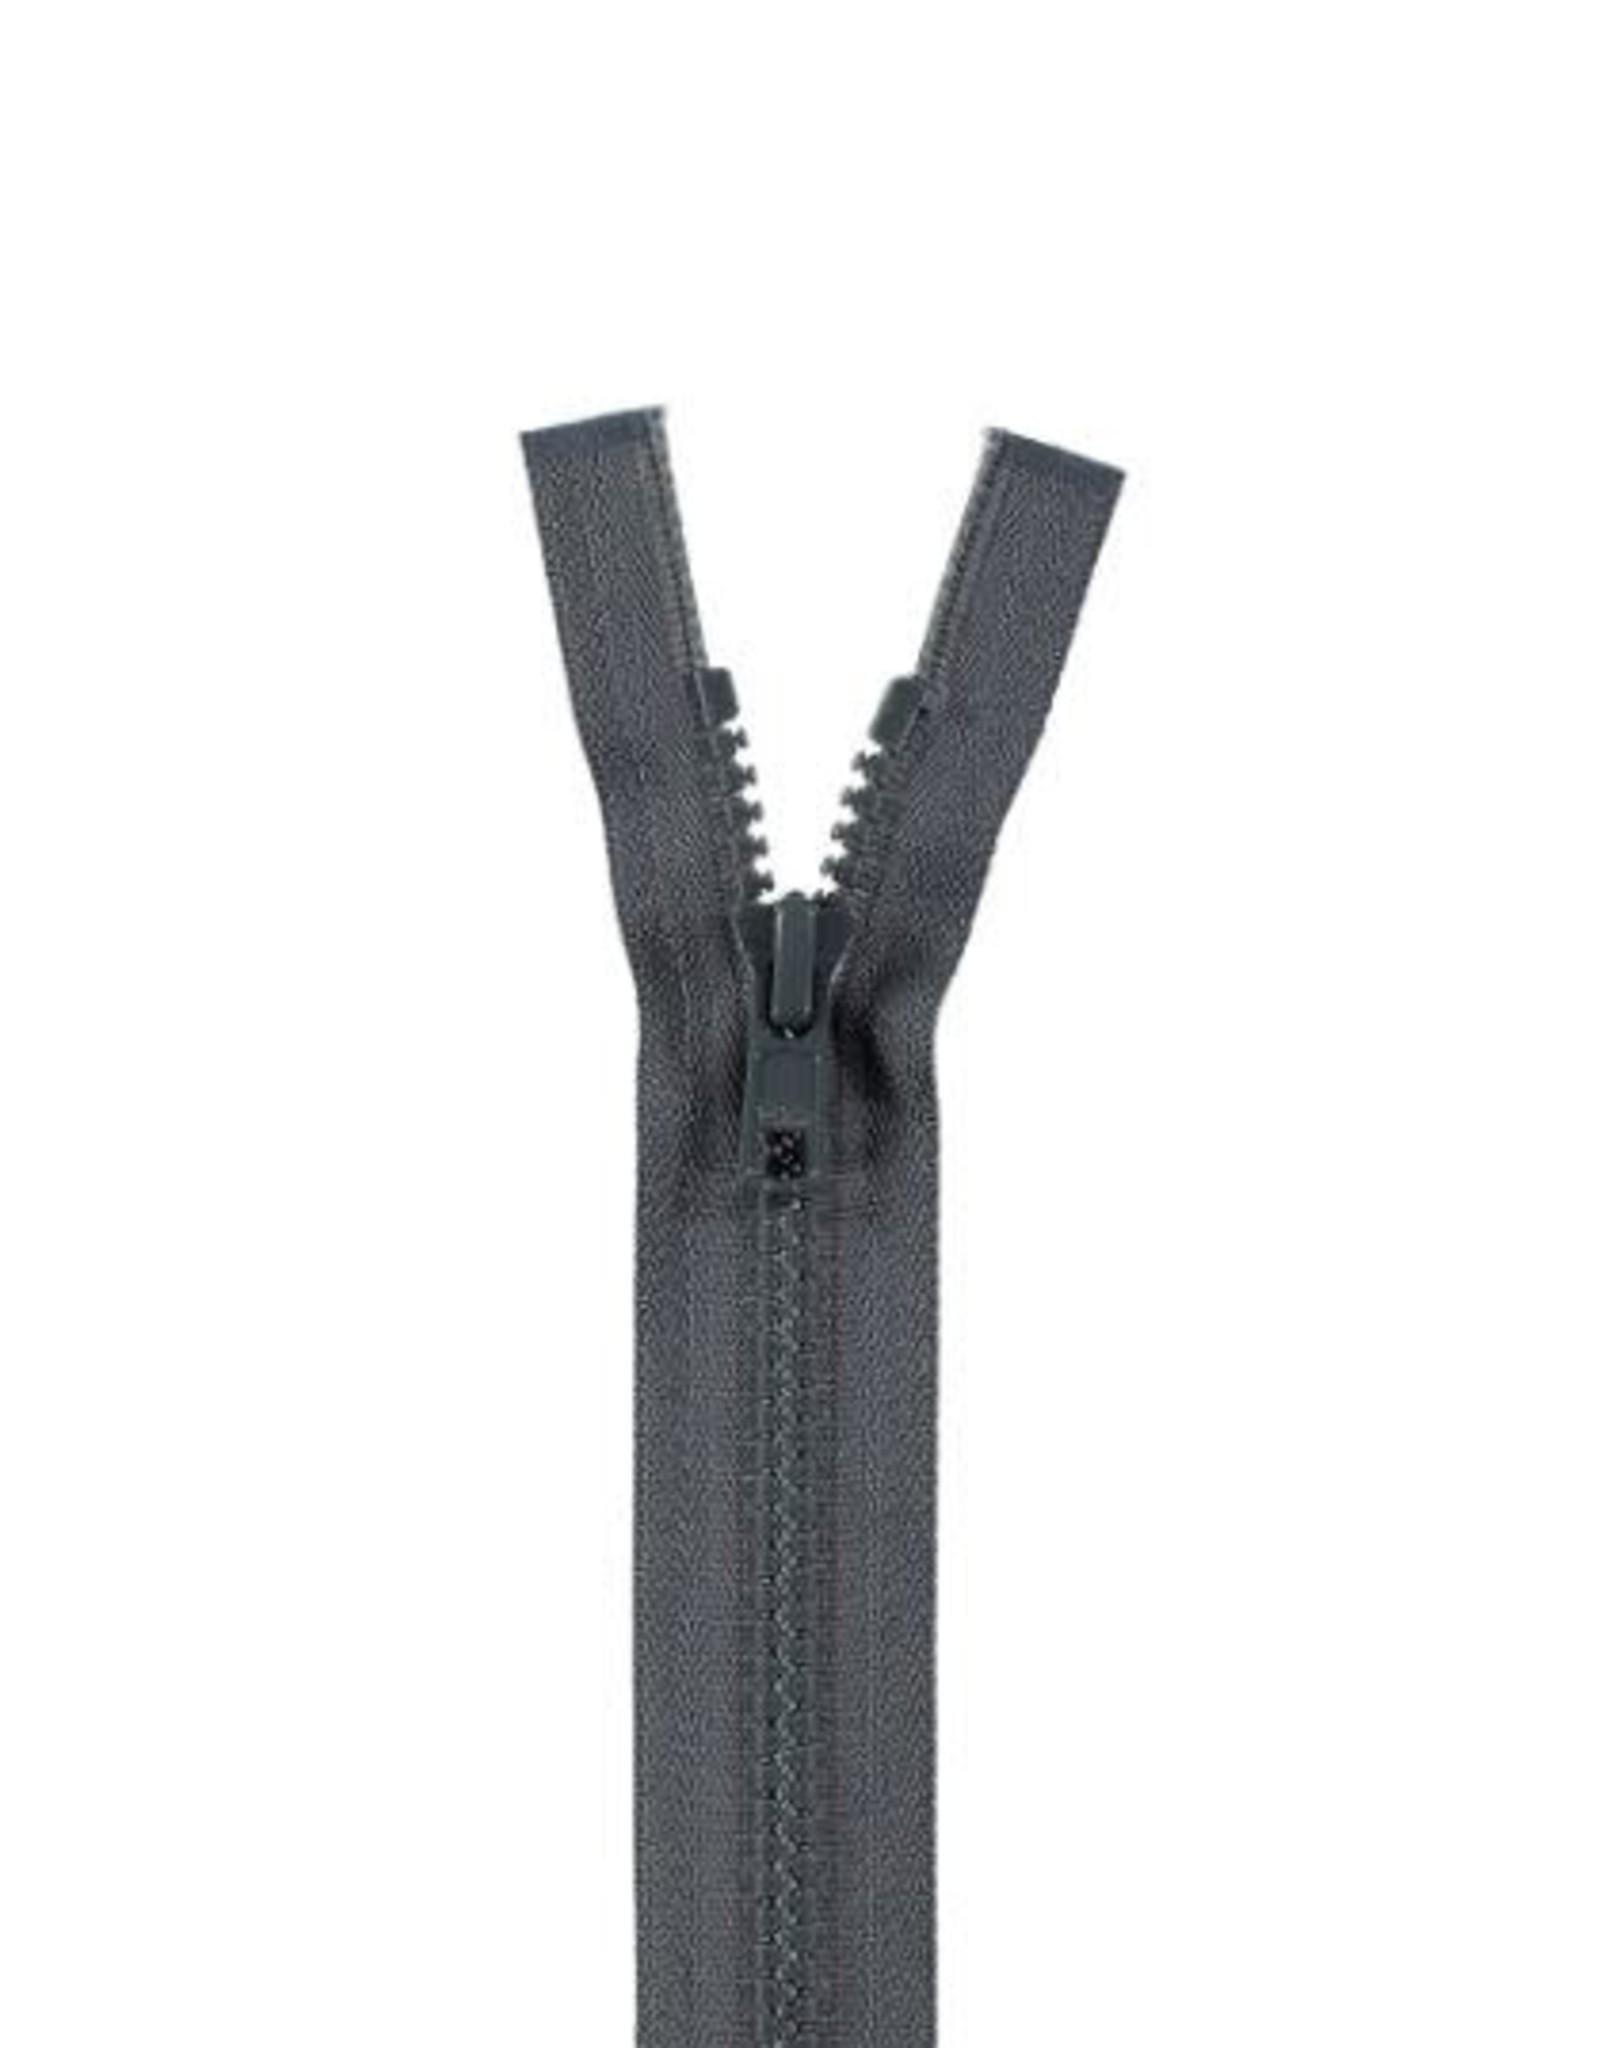 YKK BLOKRITS 5 DEELBAAR d. grijs 579-45cm